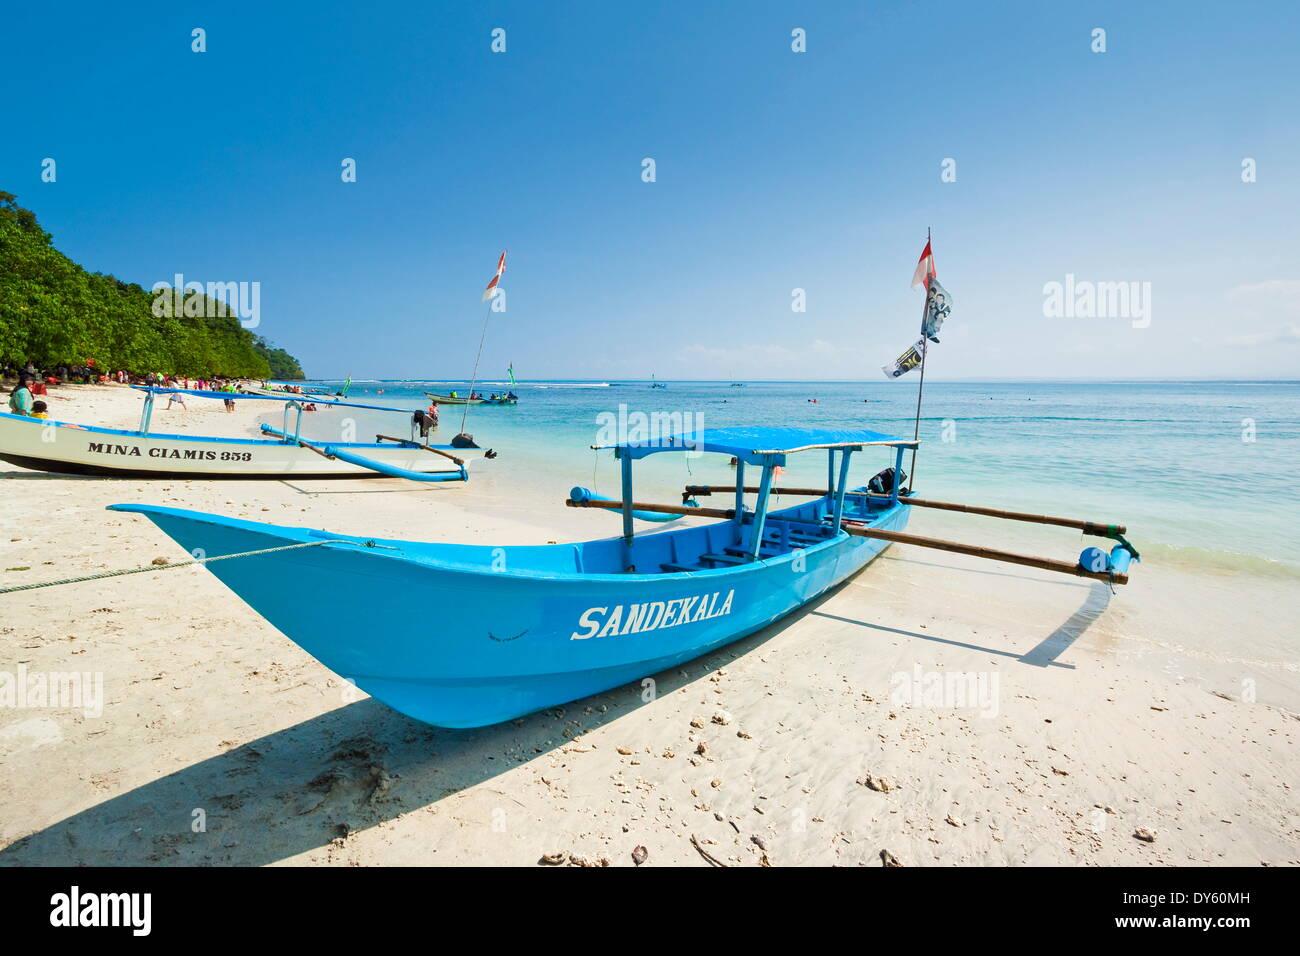 Outrigger bateaux sur magnifique plage de sable blanc dans le parc national sur la côte sud à Pangandaran, West Java, Java, Indonésie Photo Stock